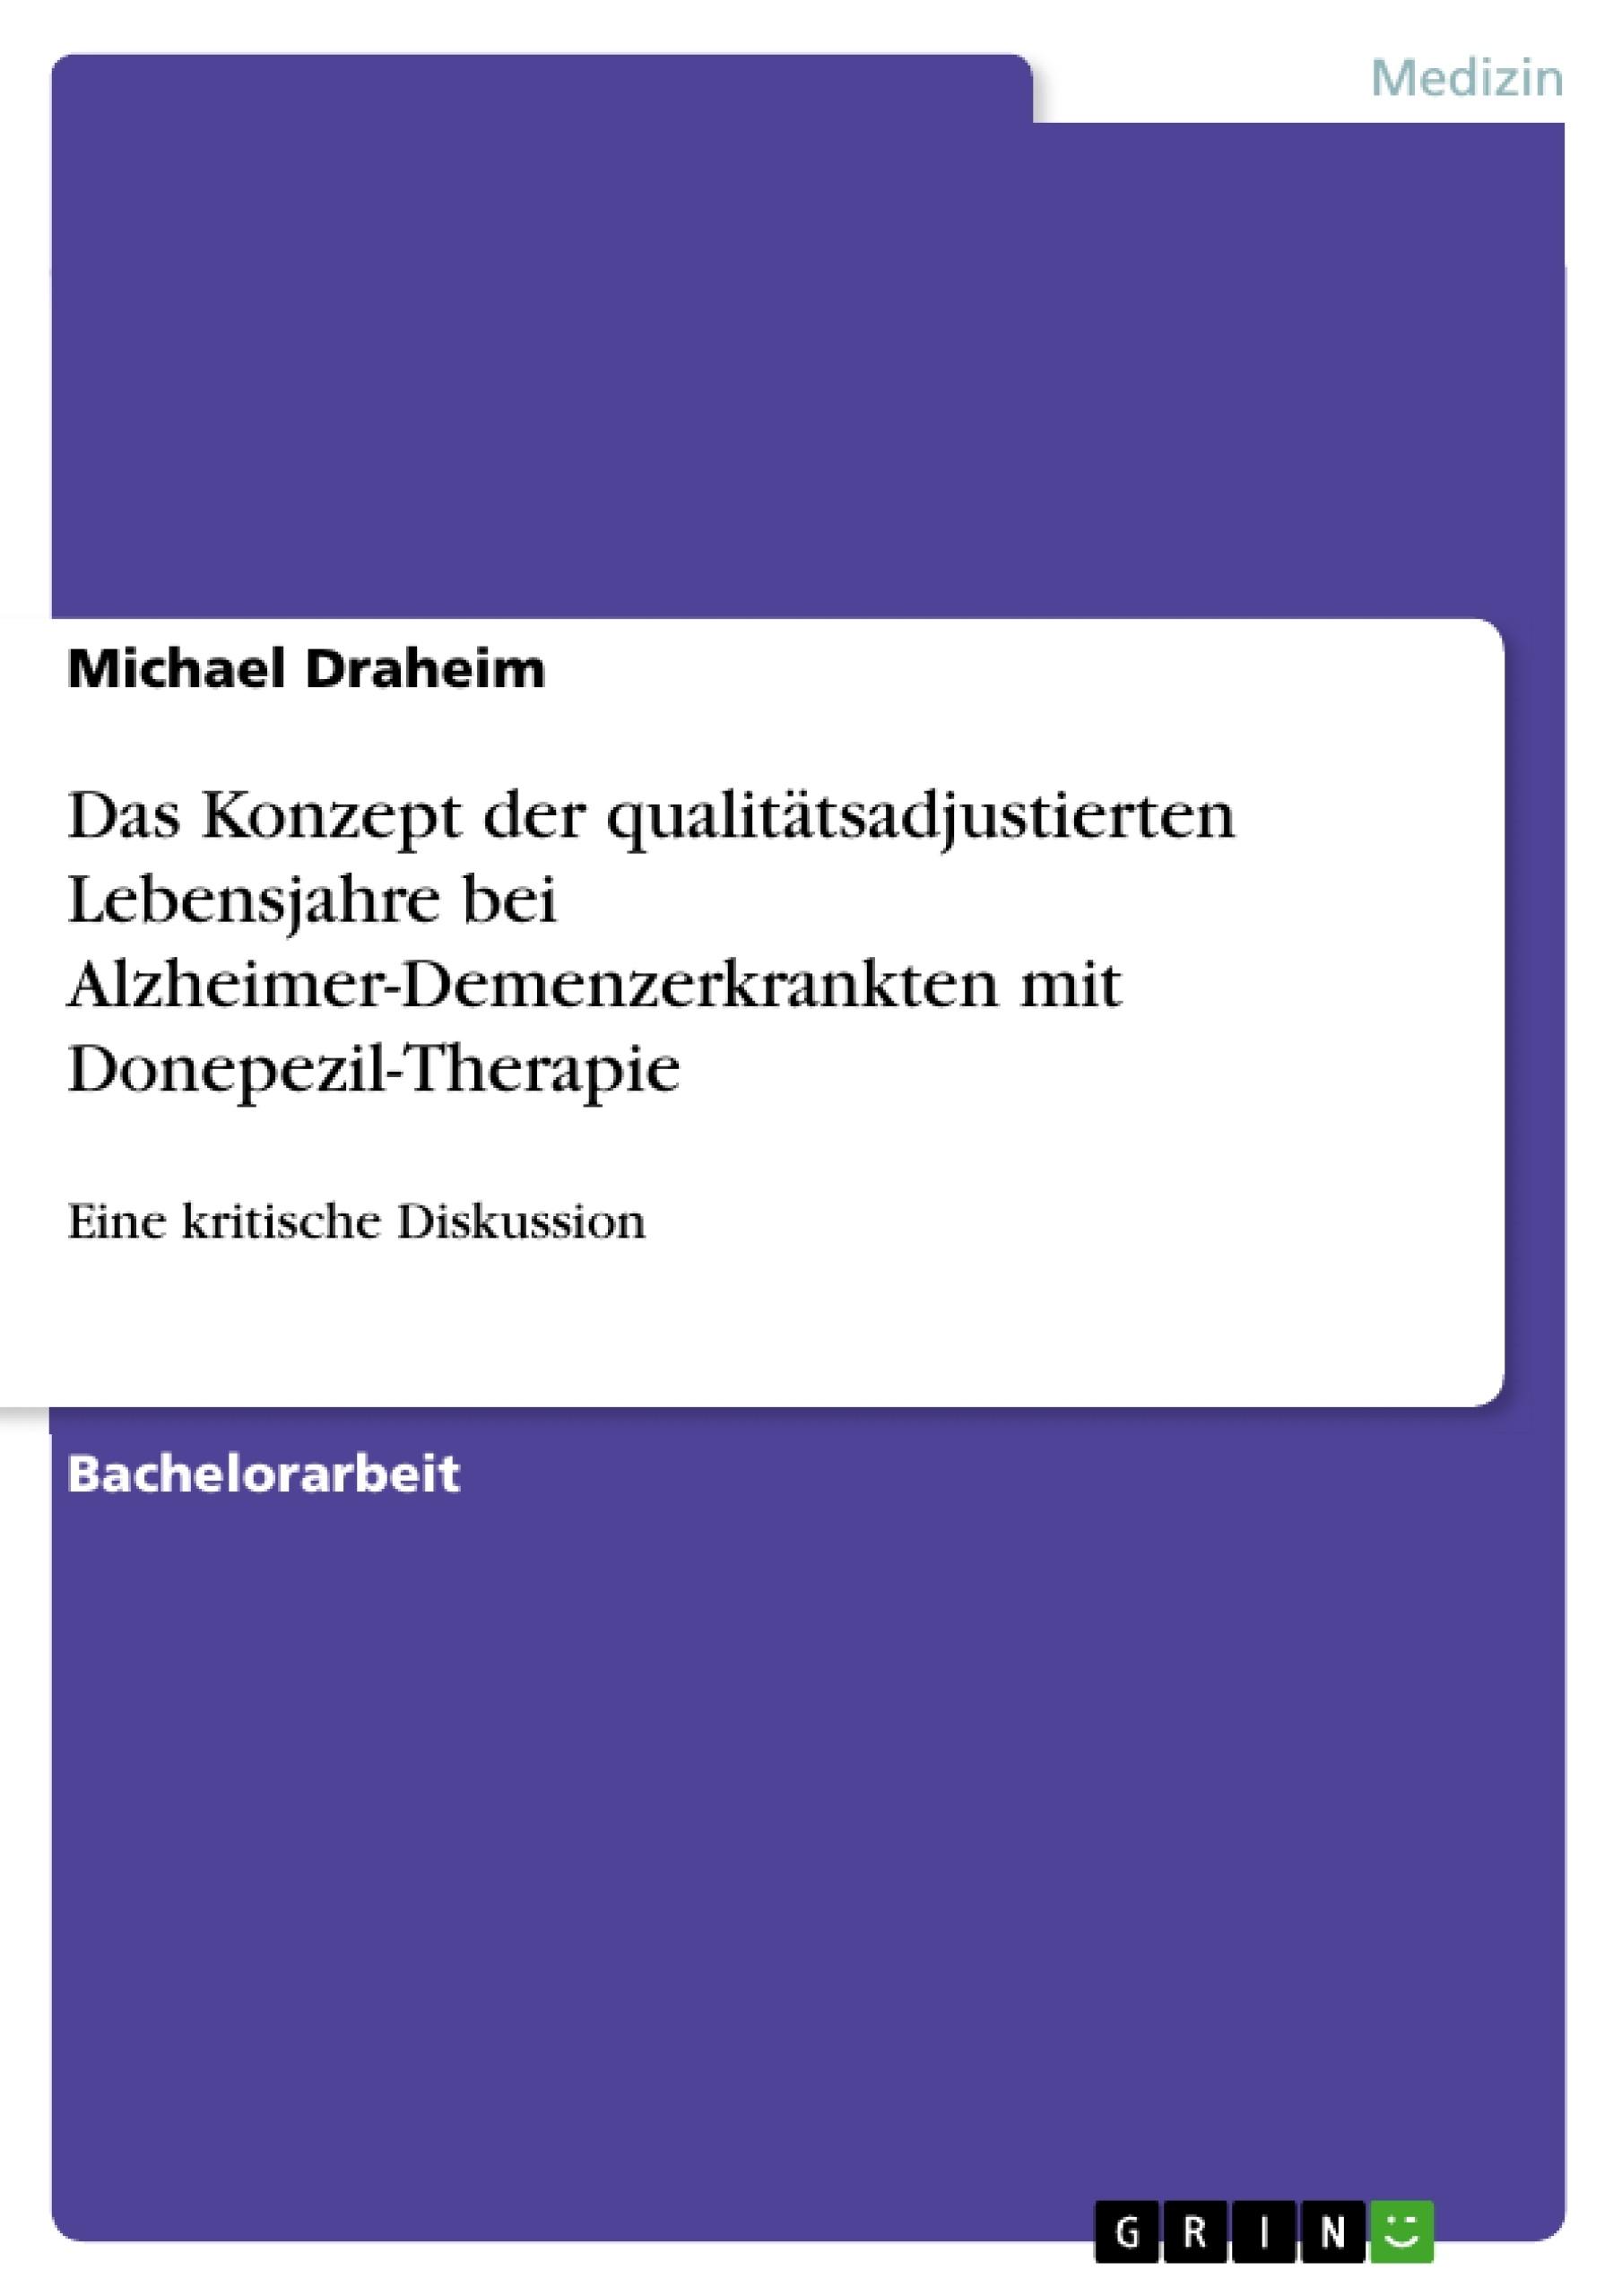 Titel: Das Konzept der qualitätsadjustierten Lebensjahre bei Alzheimer-Demenzerkrankten mit Donepezil-Therapie